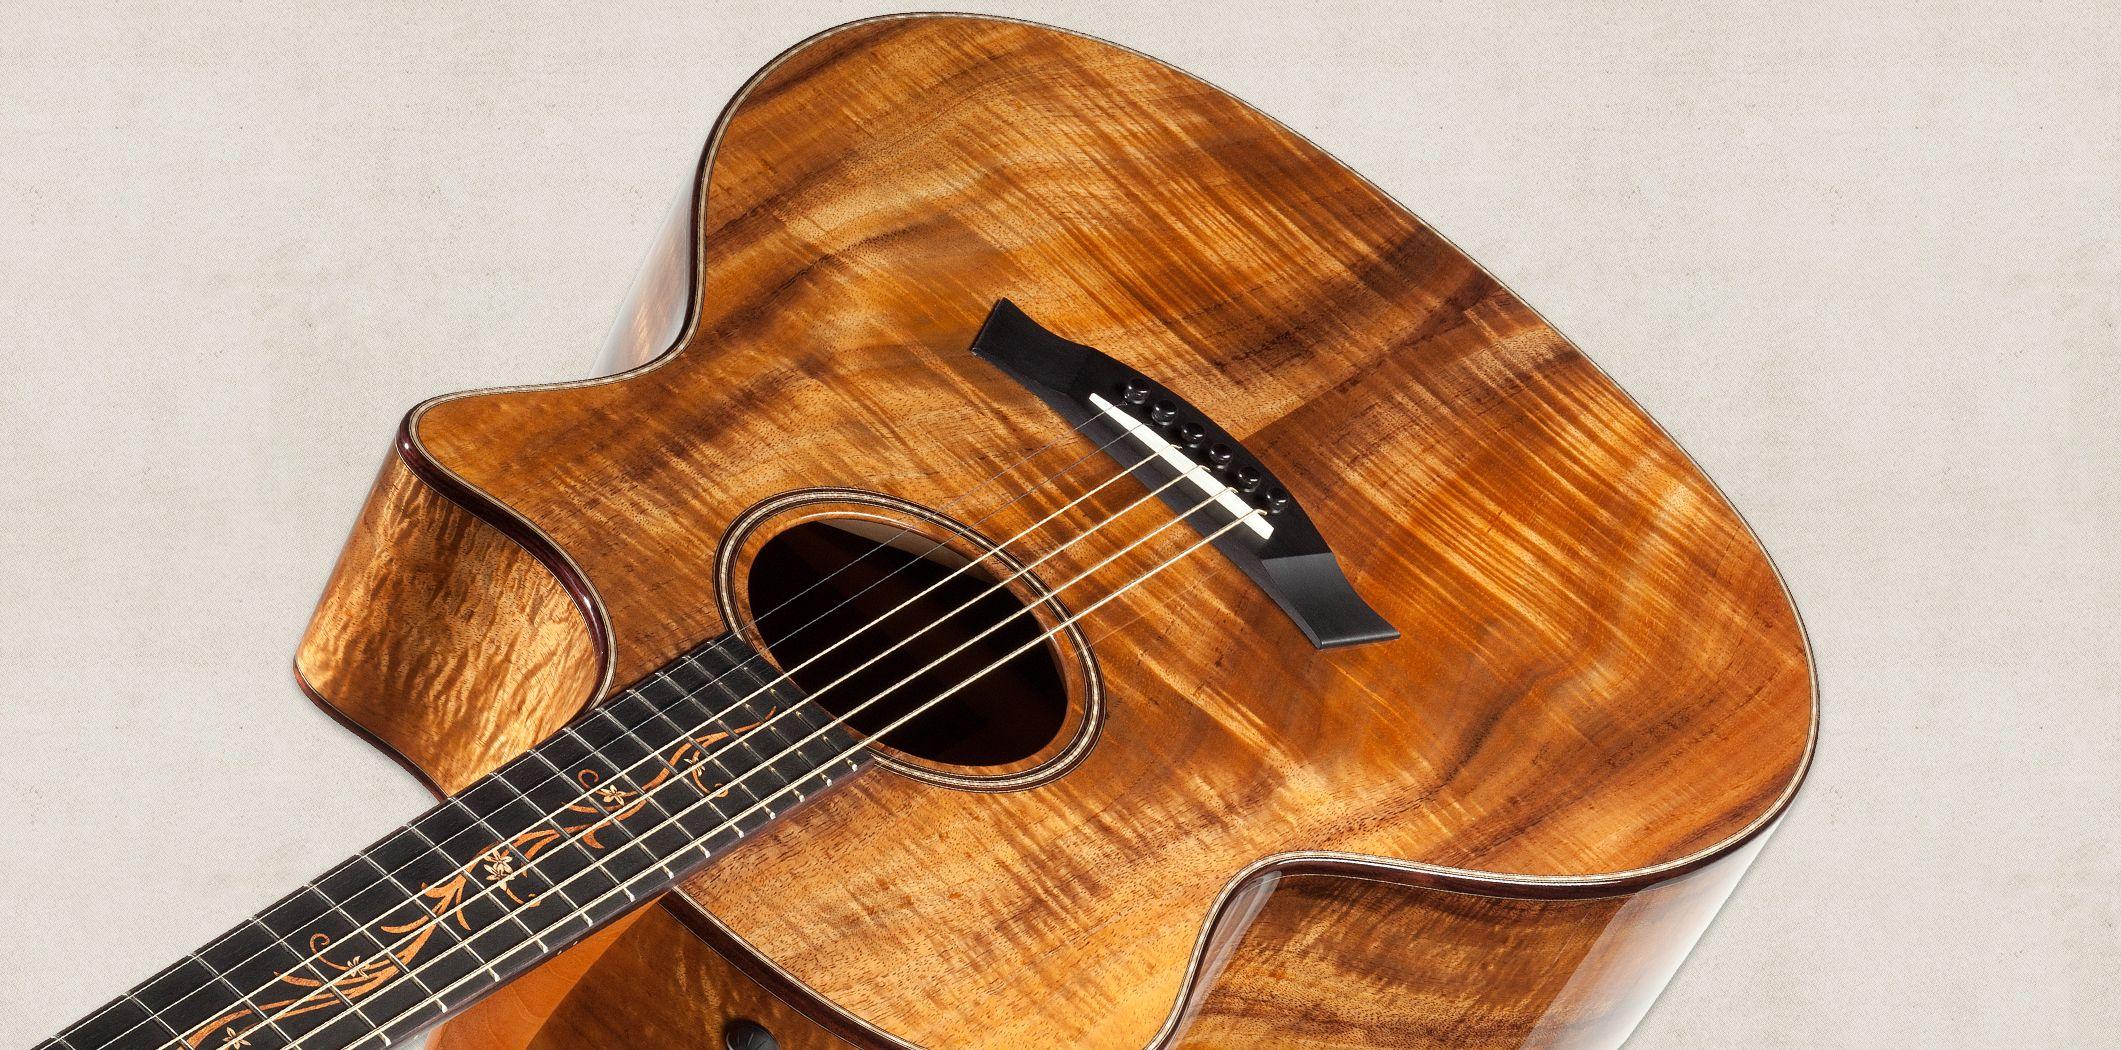 K20ce Taylor Guitars Guitar Taylor Guitars Semi Acoustic Guitar